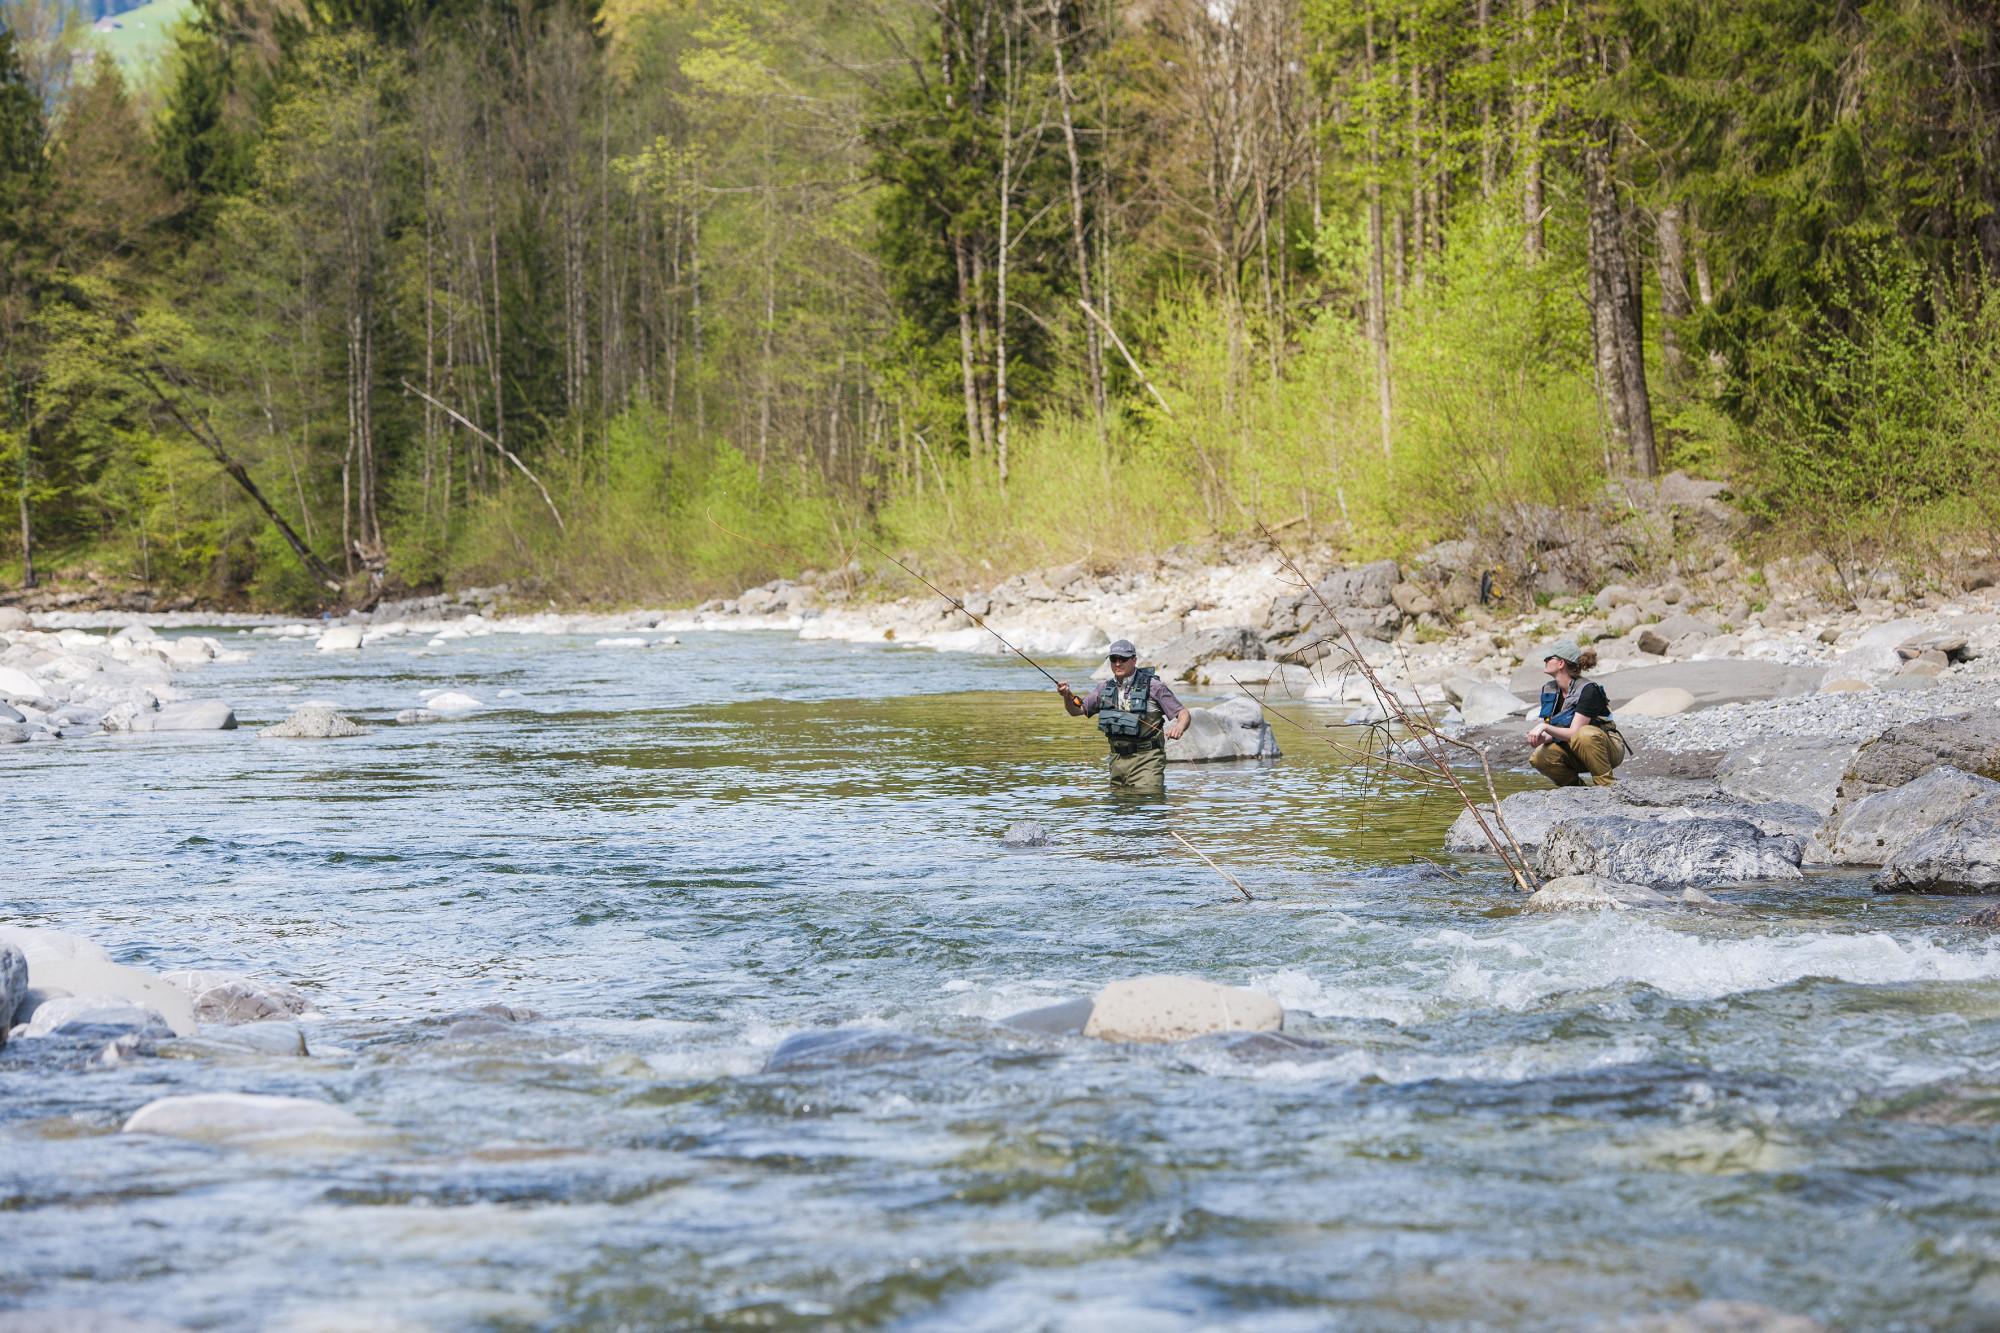 Berge, Weiden, Wälder – und naturbelassene Gewässer mit wilden Bachforellen. Als Gast können Sie im Bregenzerwald rund 60 Kilometer befischen. © Michael Namberger/Bregenzerwald Tourismus